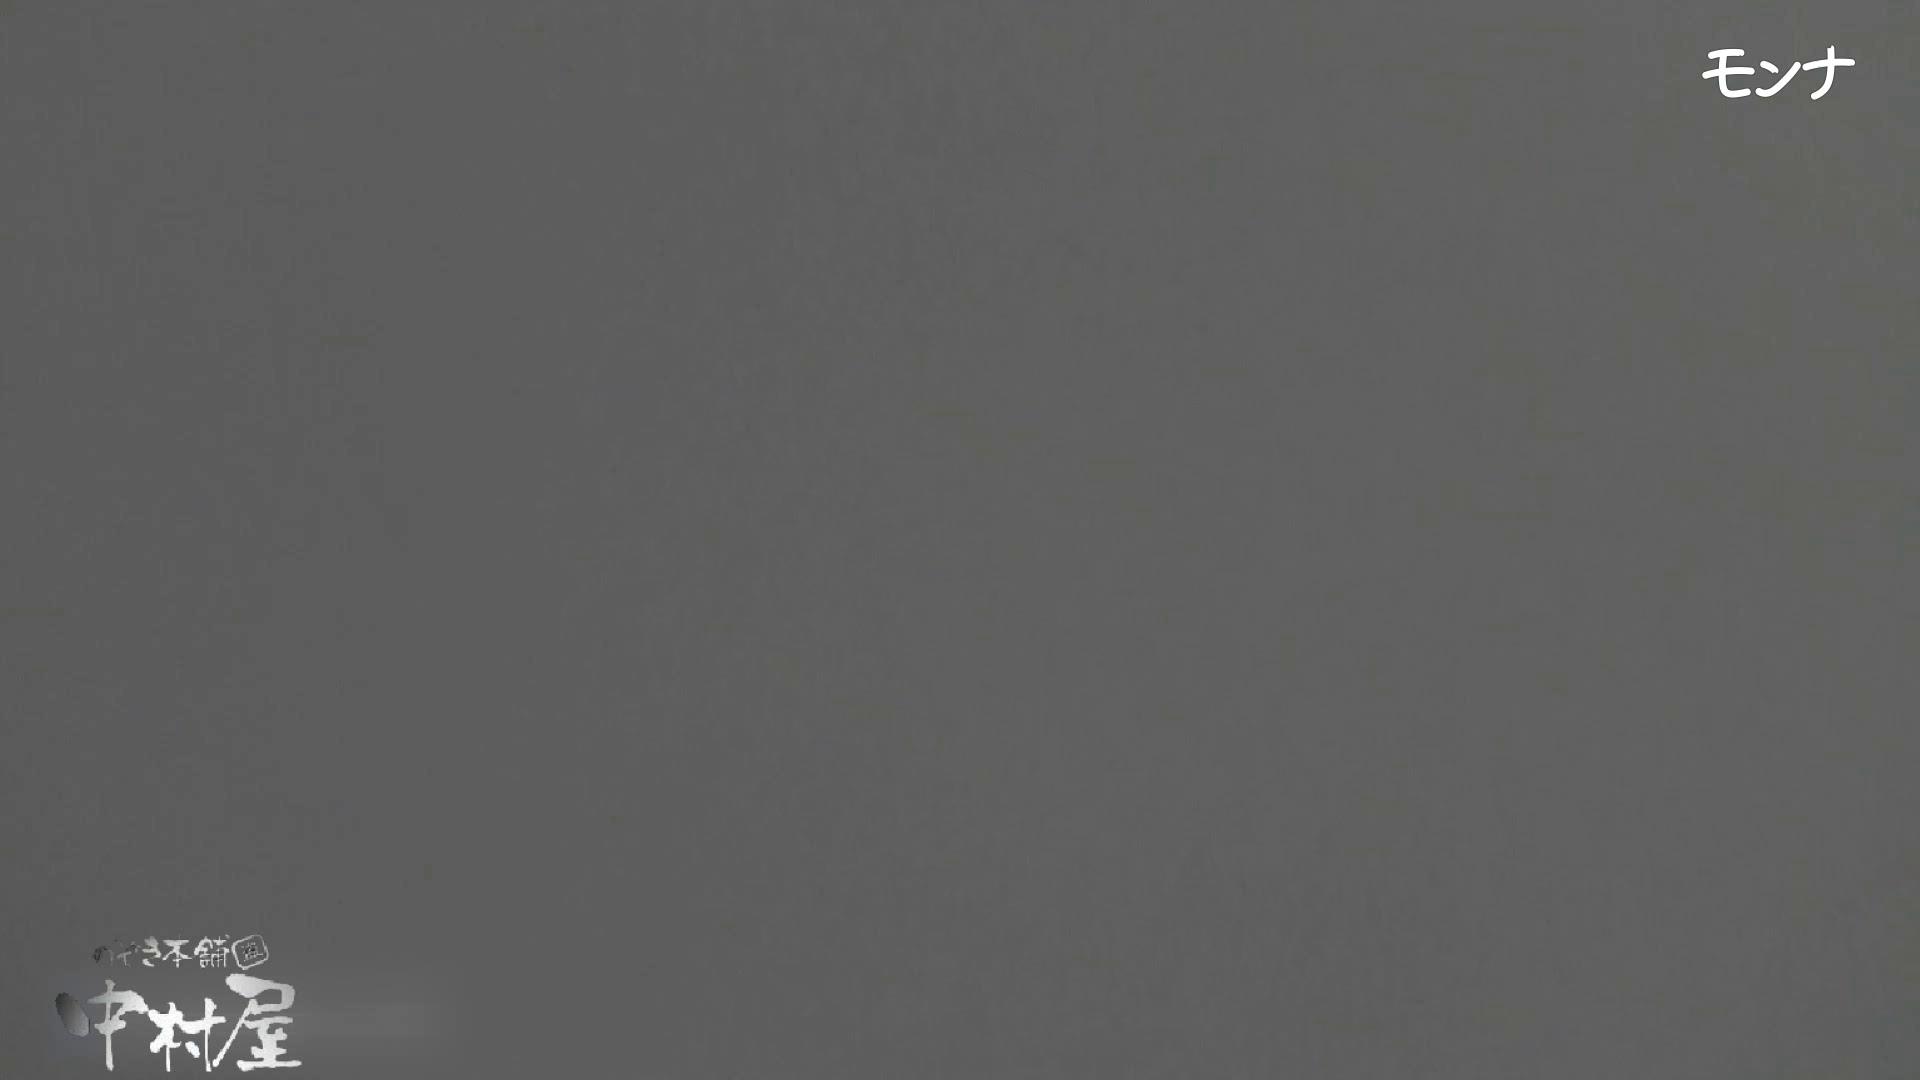 【美しい日本の未来】美しい日本の未来 No.73 自然なセクシーな仕草に感動中 おまんこ見放題  84PIX 68